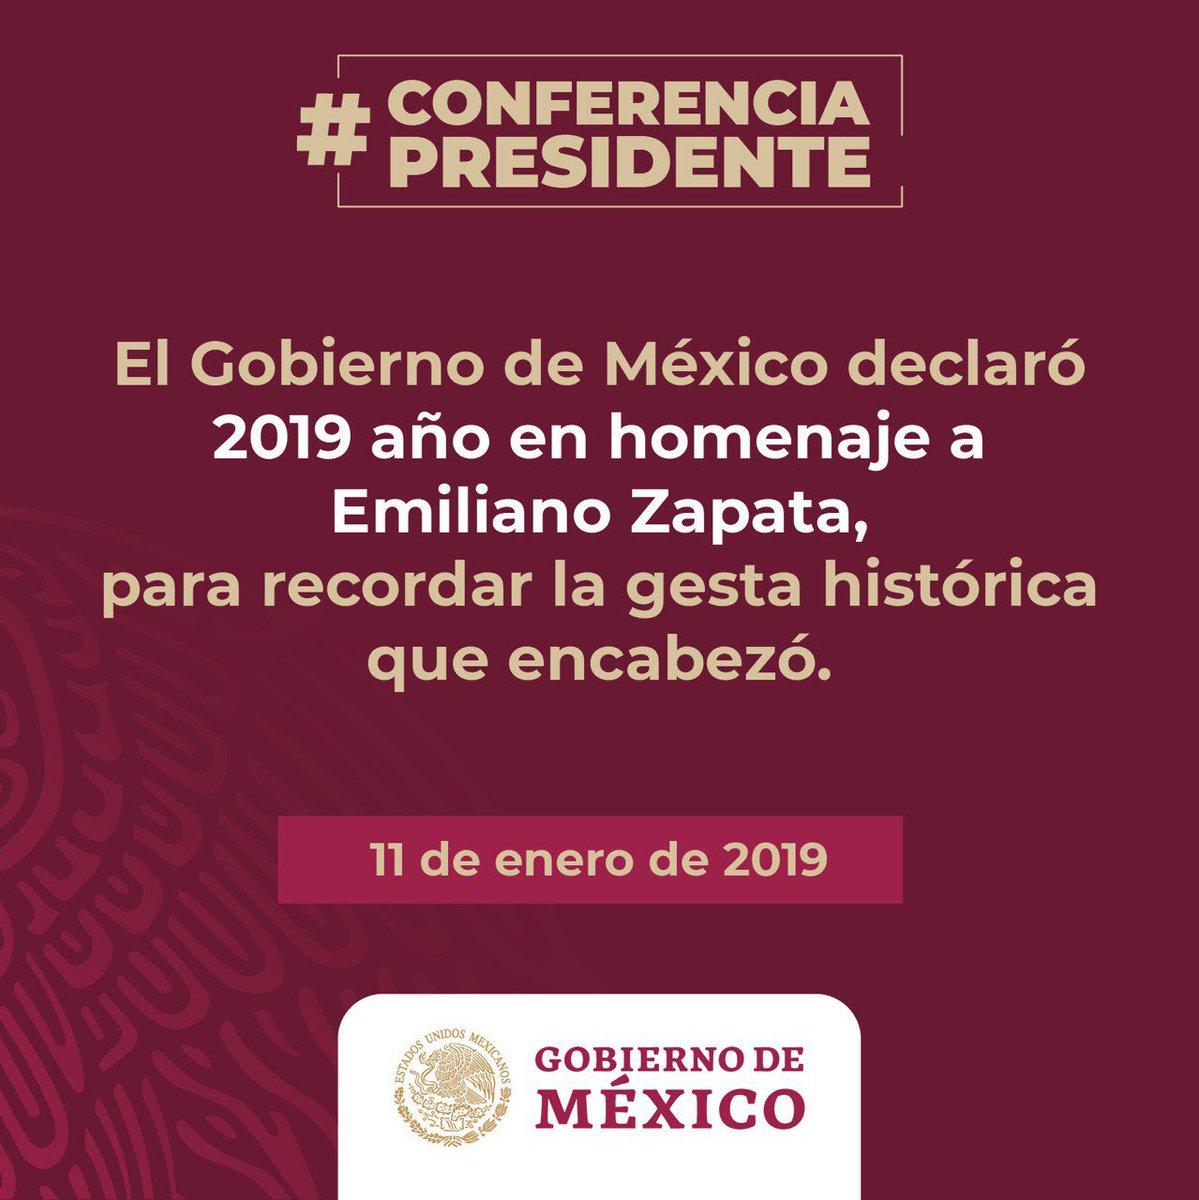 Gobierno de México's photo on Emiliano Zapata